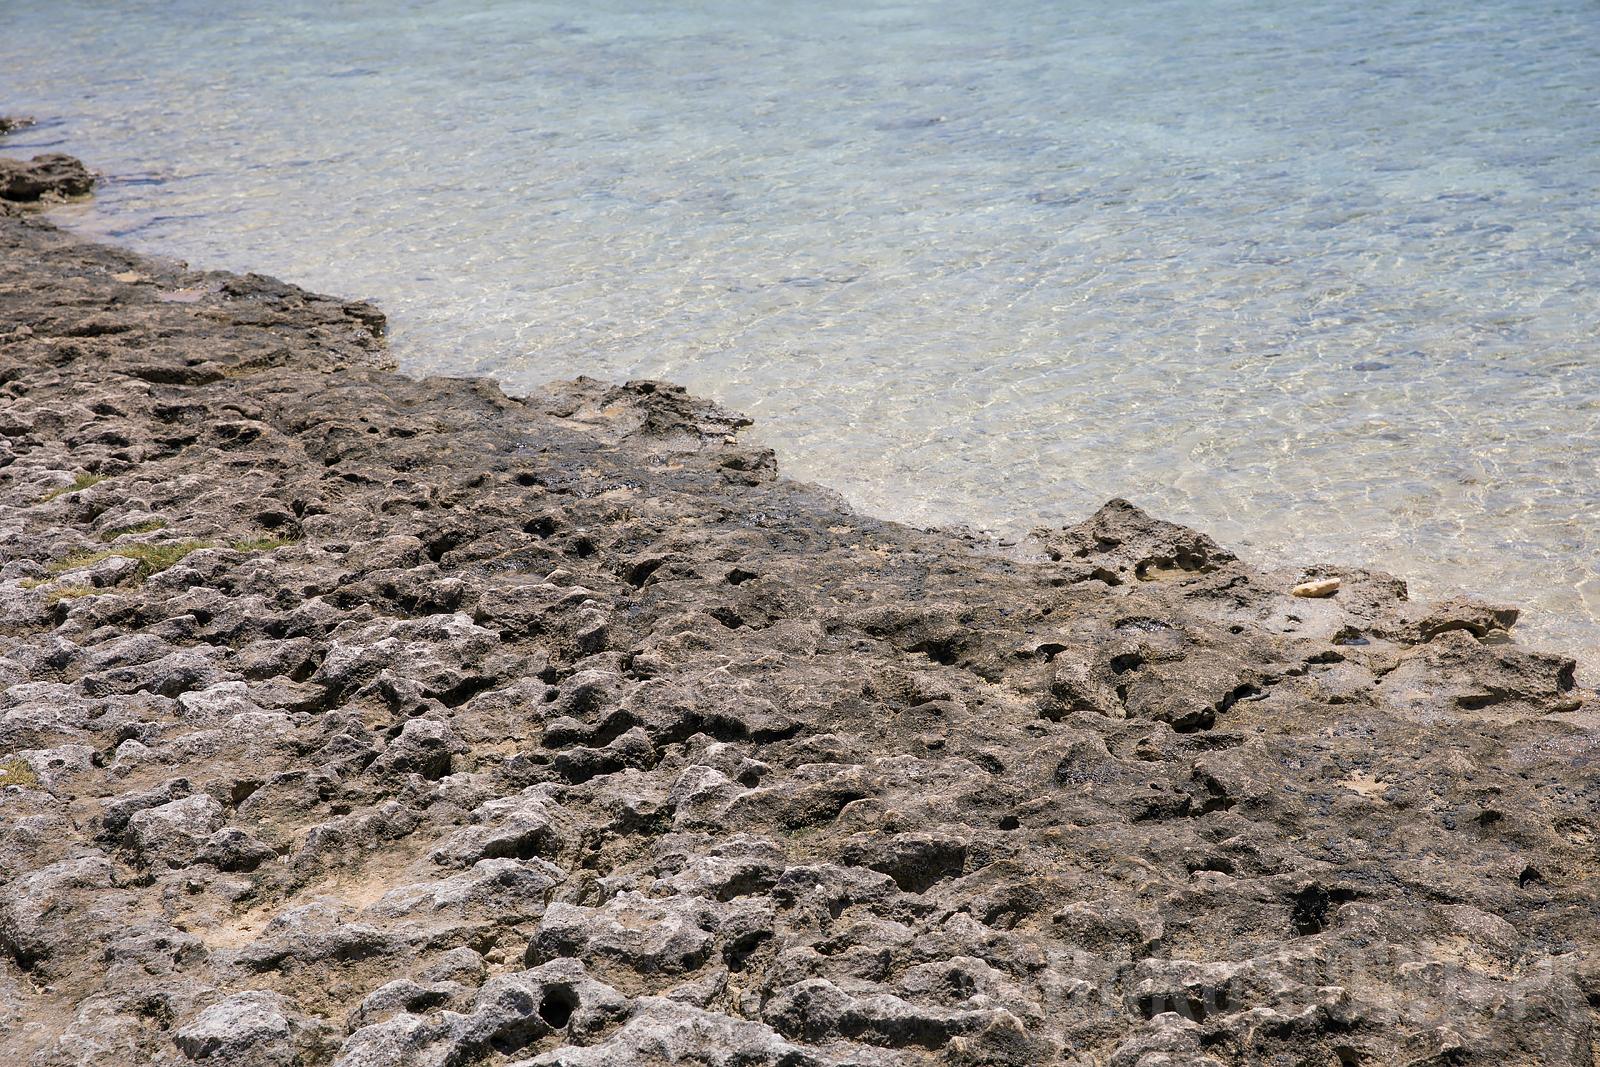 mauritius-le-meridien-photos-83